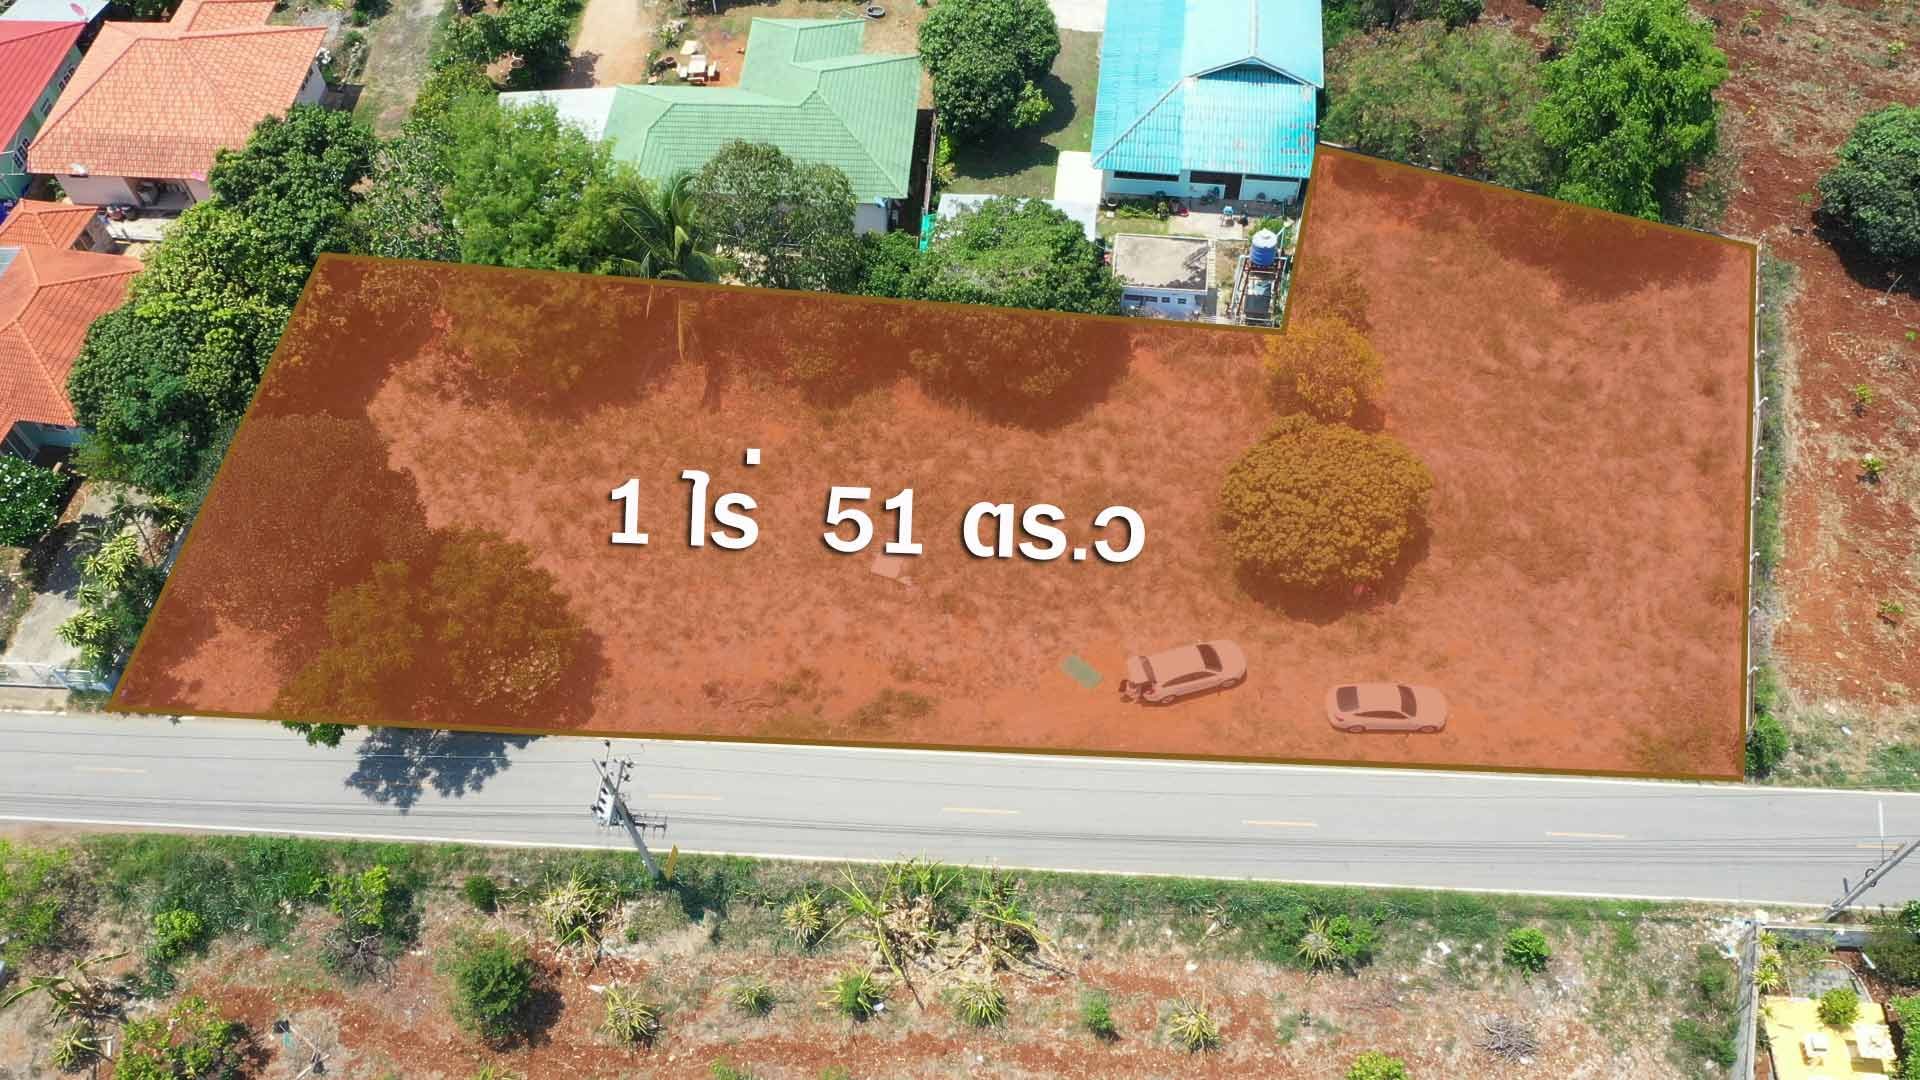 ภาพขายที่ดินกลางดงติดถนน   ต.กลางดง  เนื้อที่ 1 ไร่ 51 ตารางวา